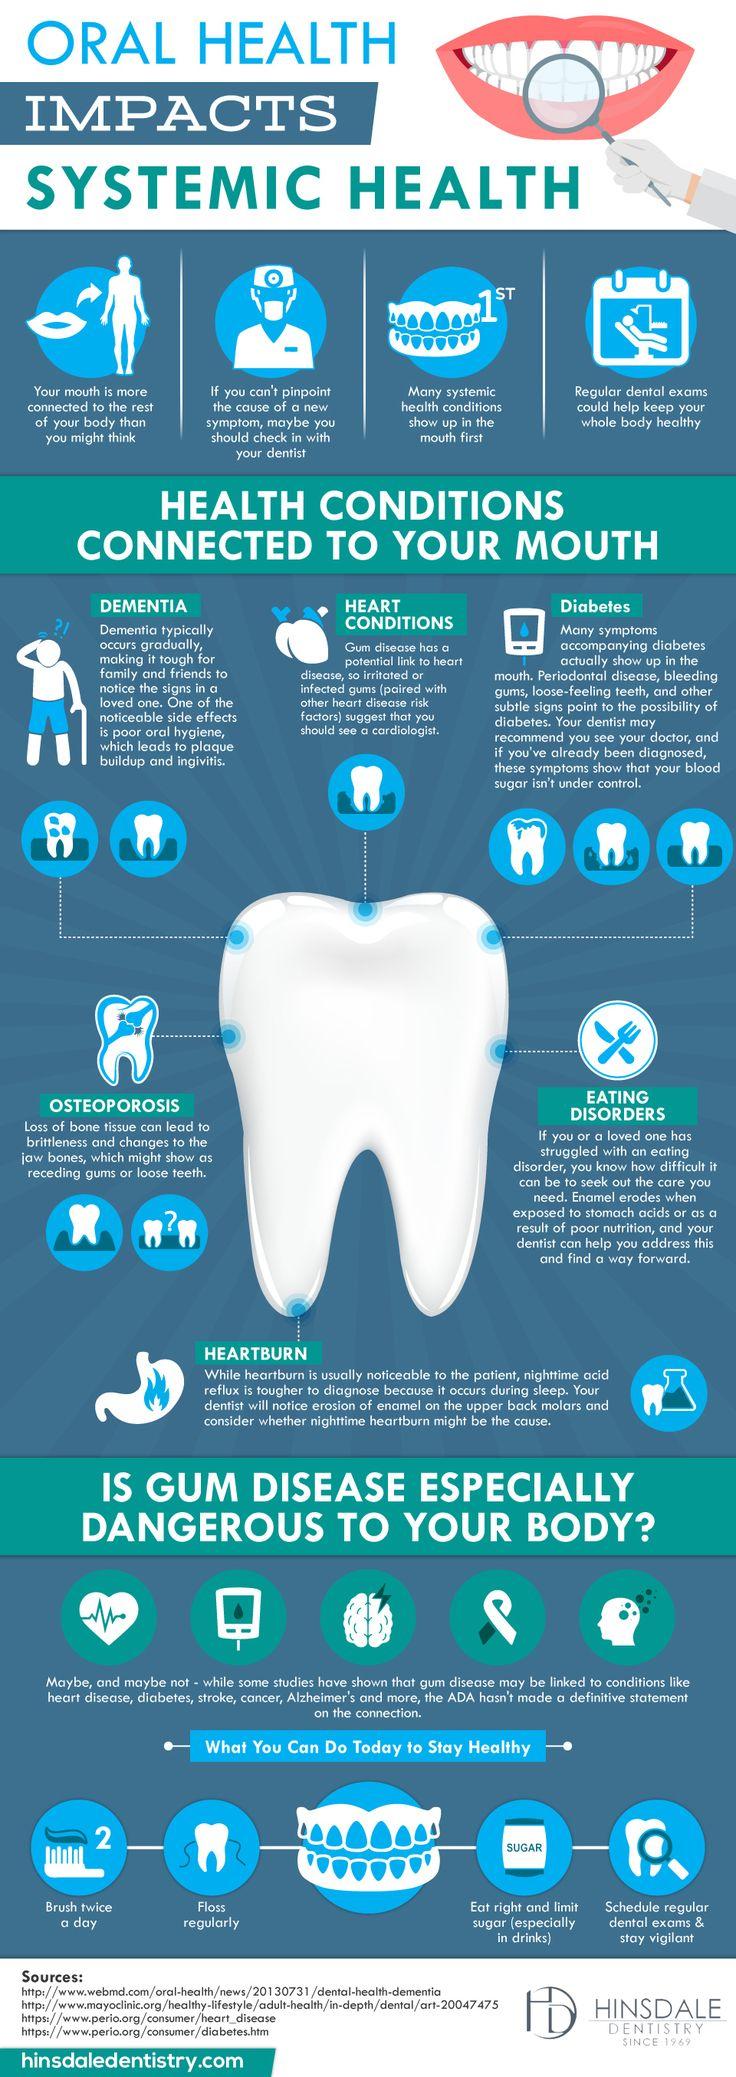 102 best Our Blog Posts images on Pinterest | Blog, Dental and Dentistry